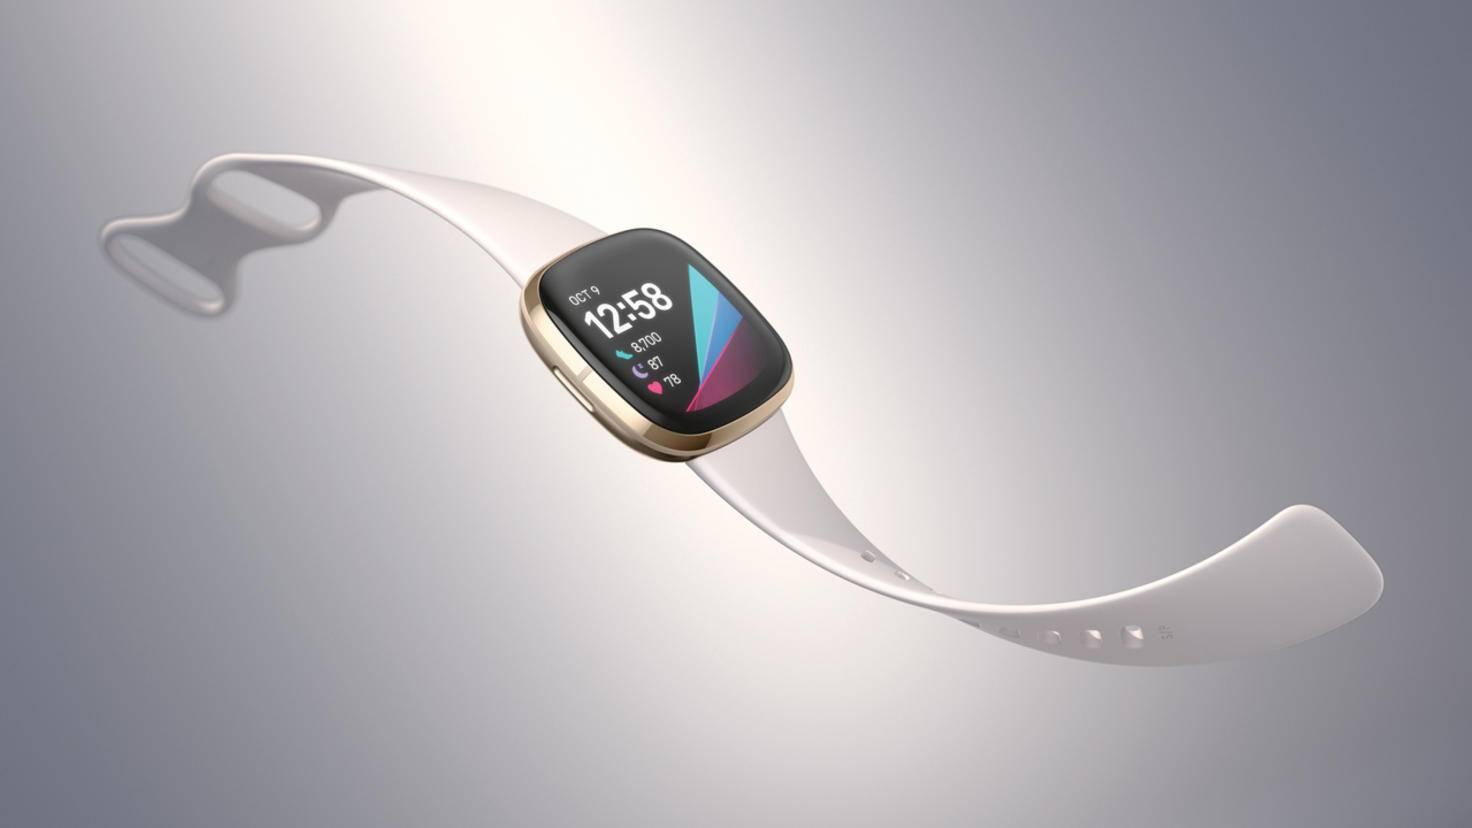 Fitbit propose la faux avec deux couleurs de boîtier différentes.